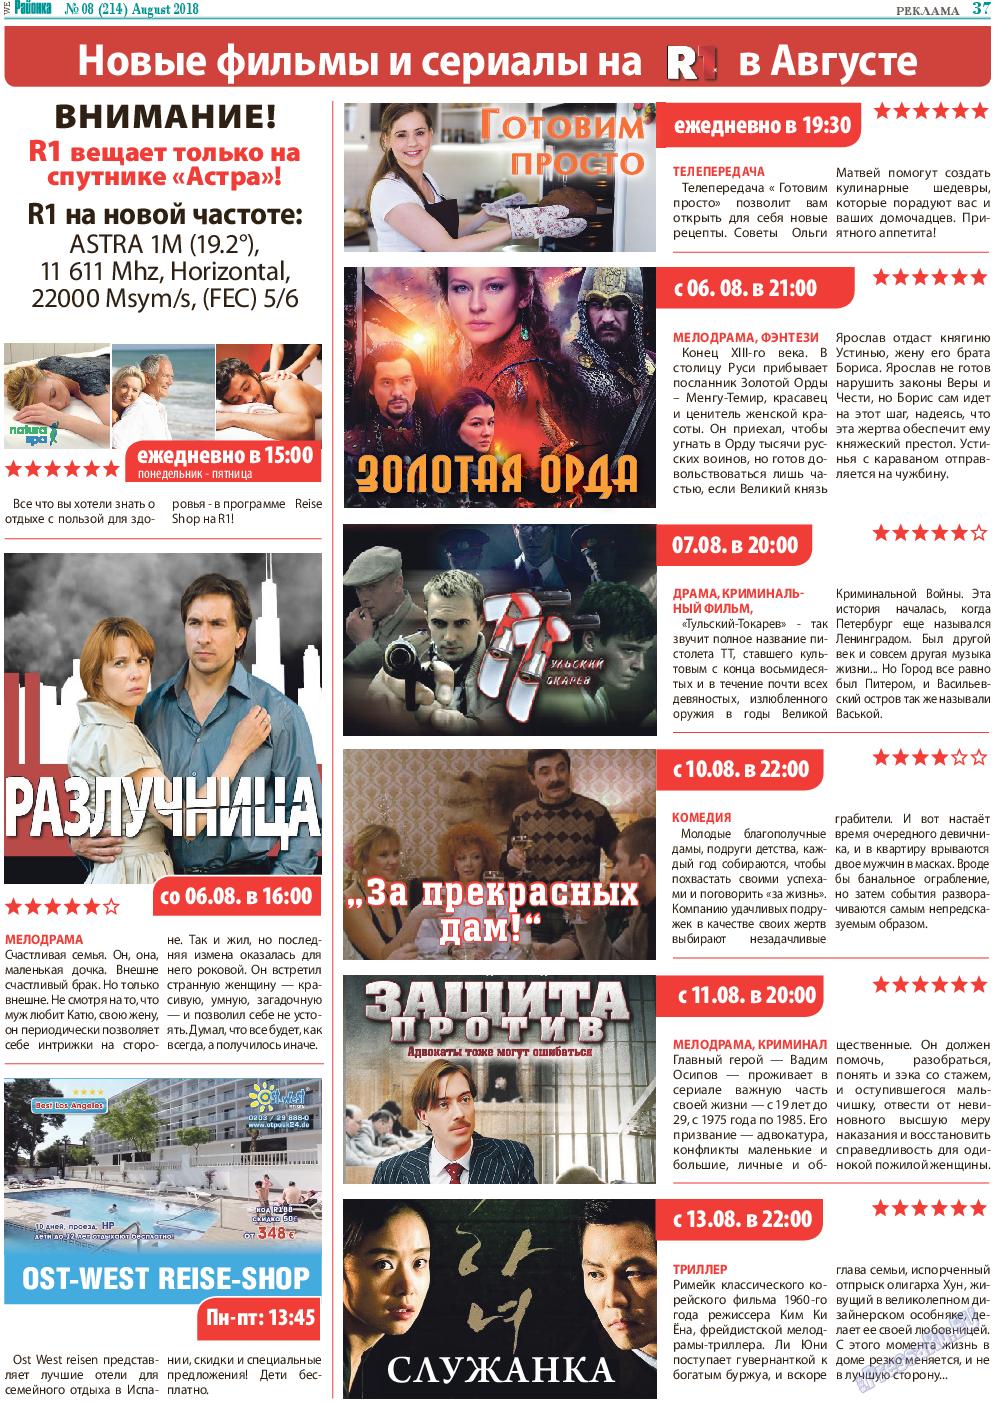 Районка-West (газета). 2018 год, номер 8, стр. 37